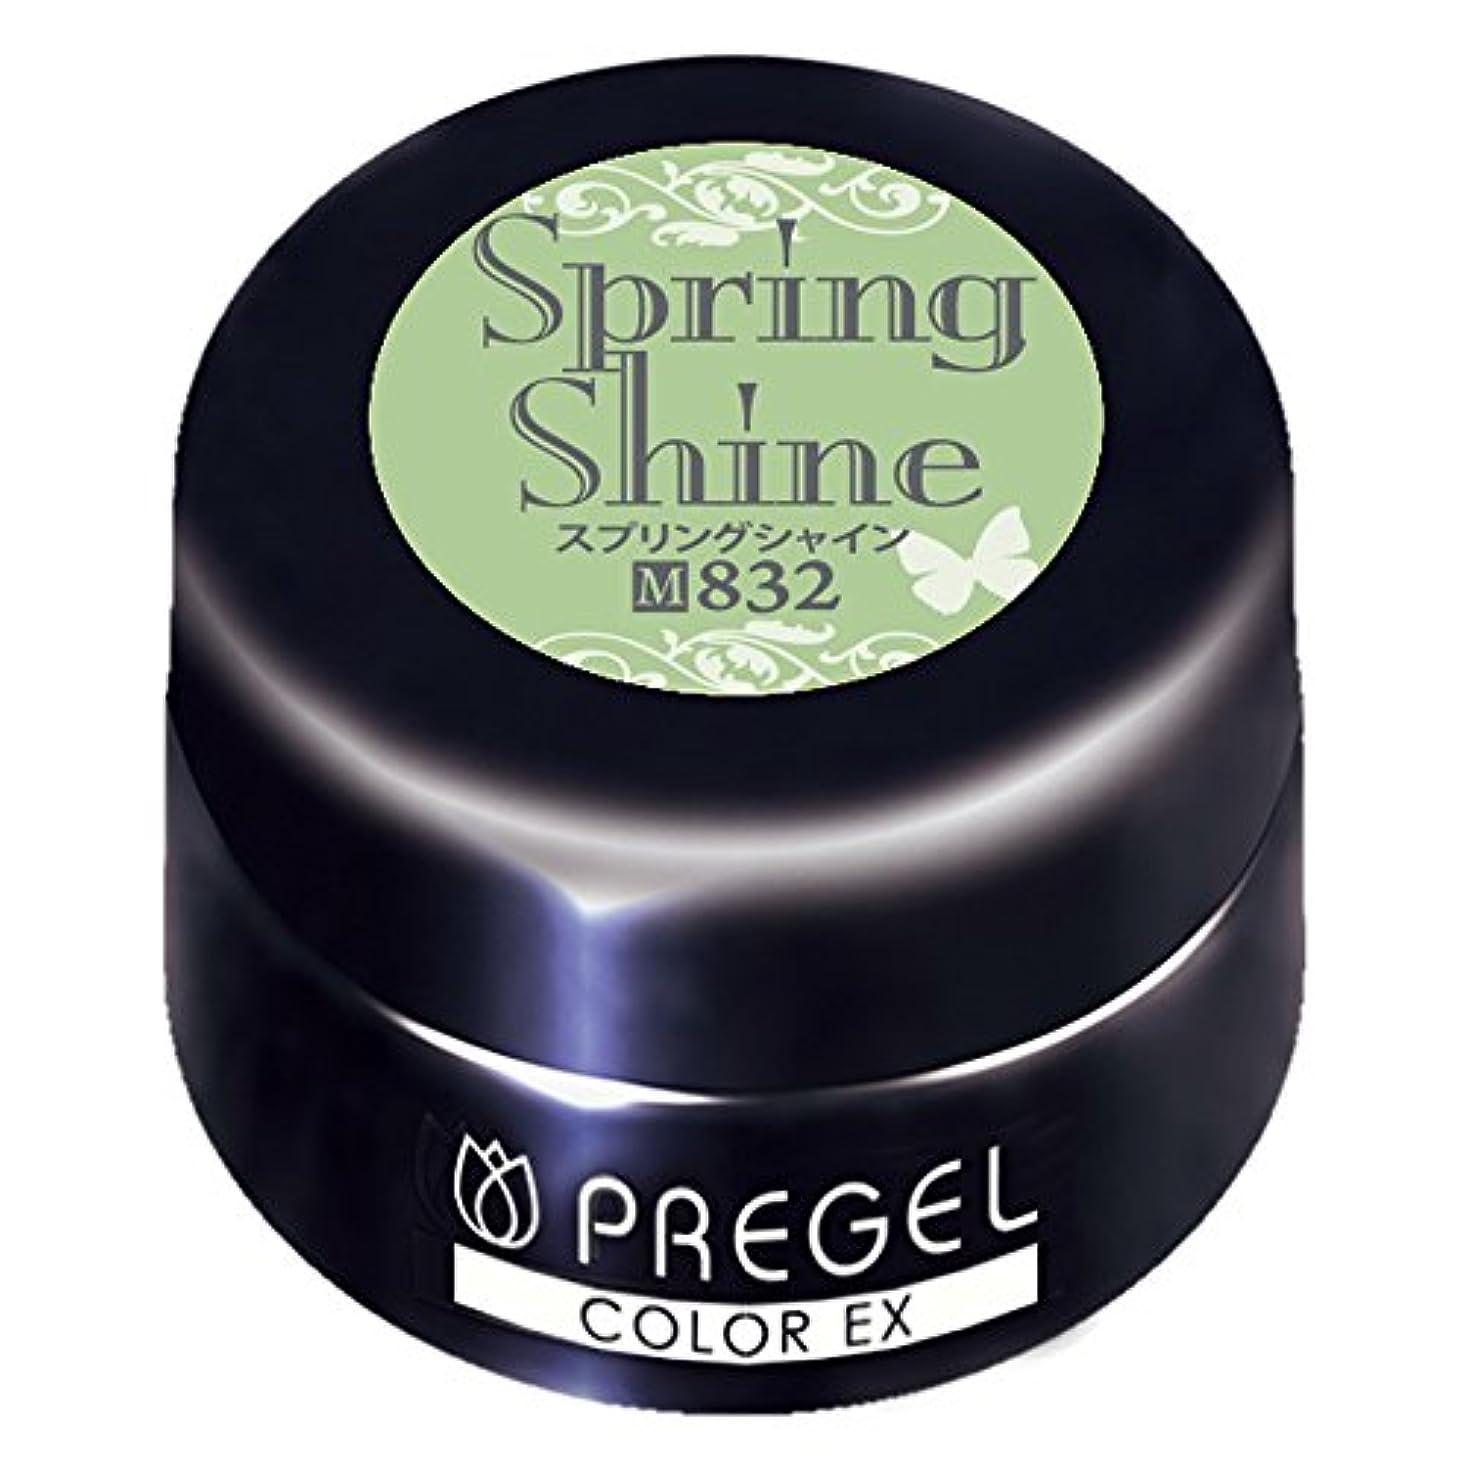 瞑想的とにかく彼女PRE GEL カラーEX スプリングシャイン832 3g UV/LED対応